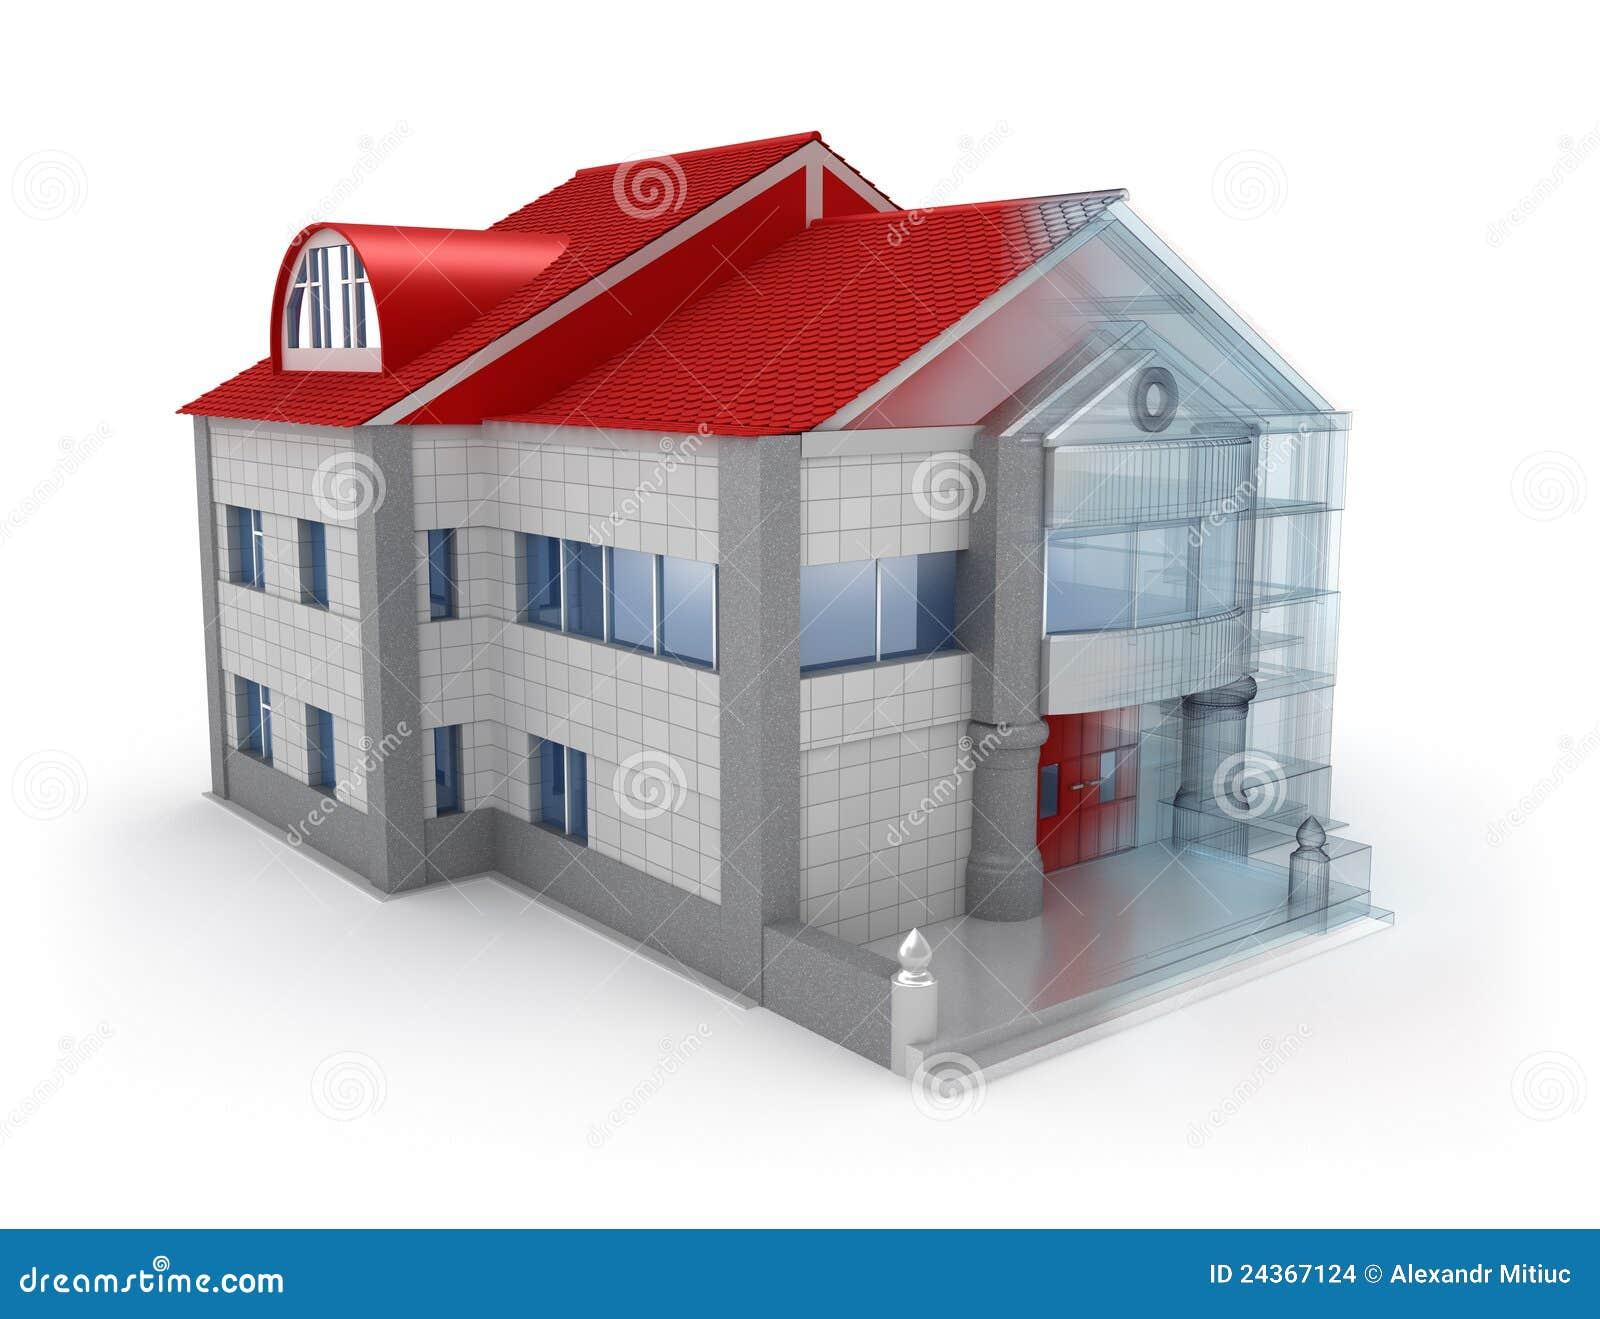 Disegno esterno della casa illustrazione di stock for Design della casa bungalow